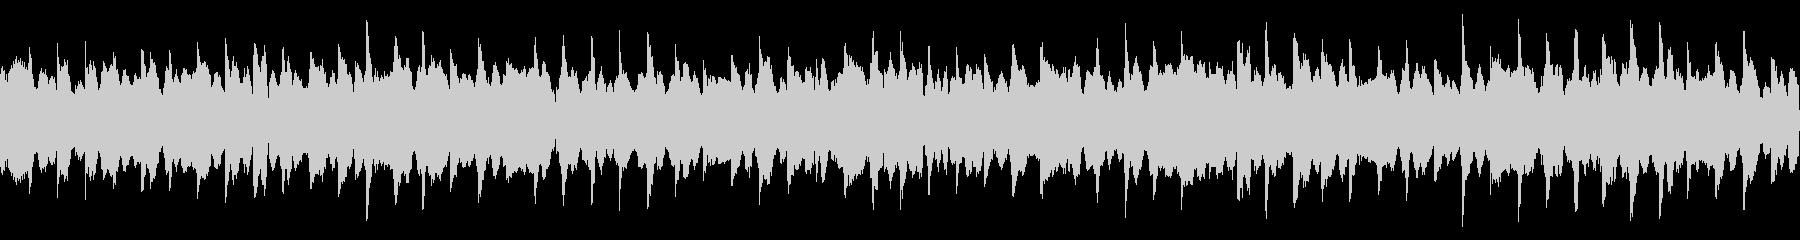 一定で鳴るピアノ/ホラー系(ループ)の未再生の波形